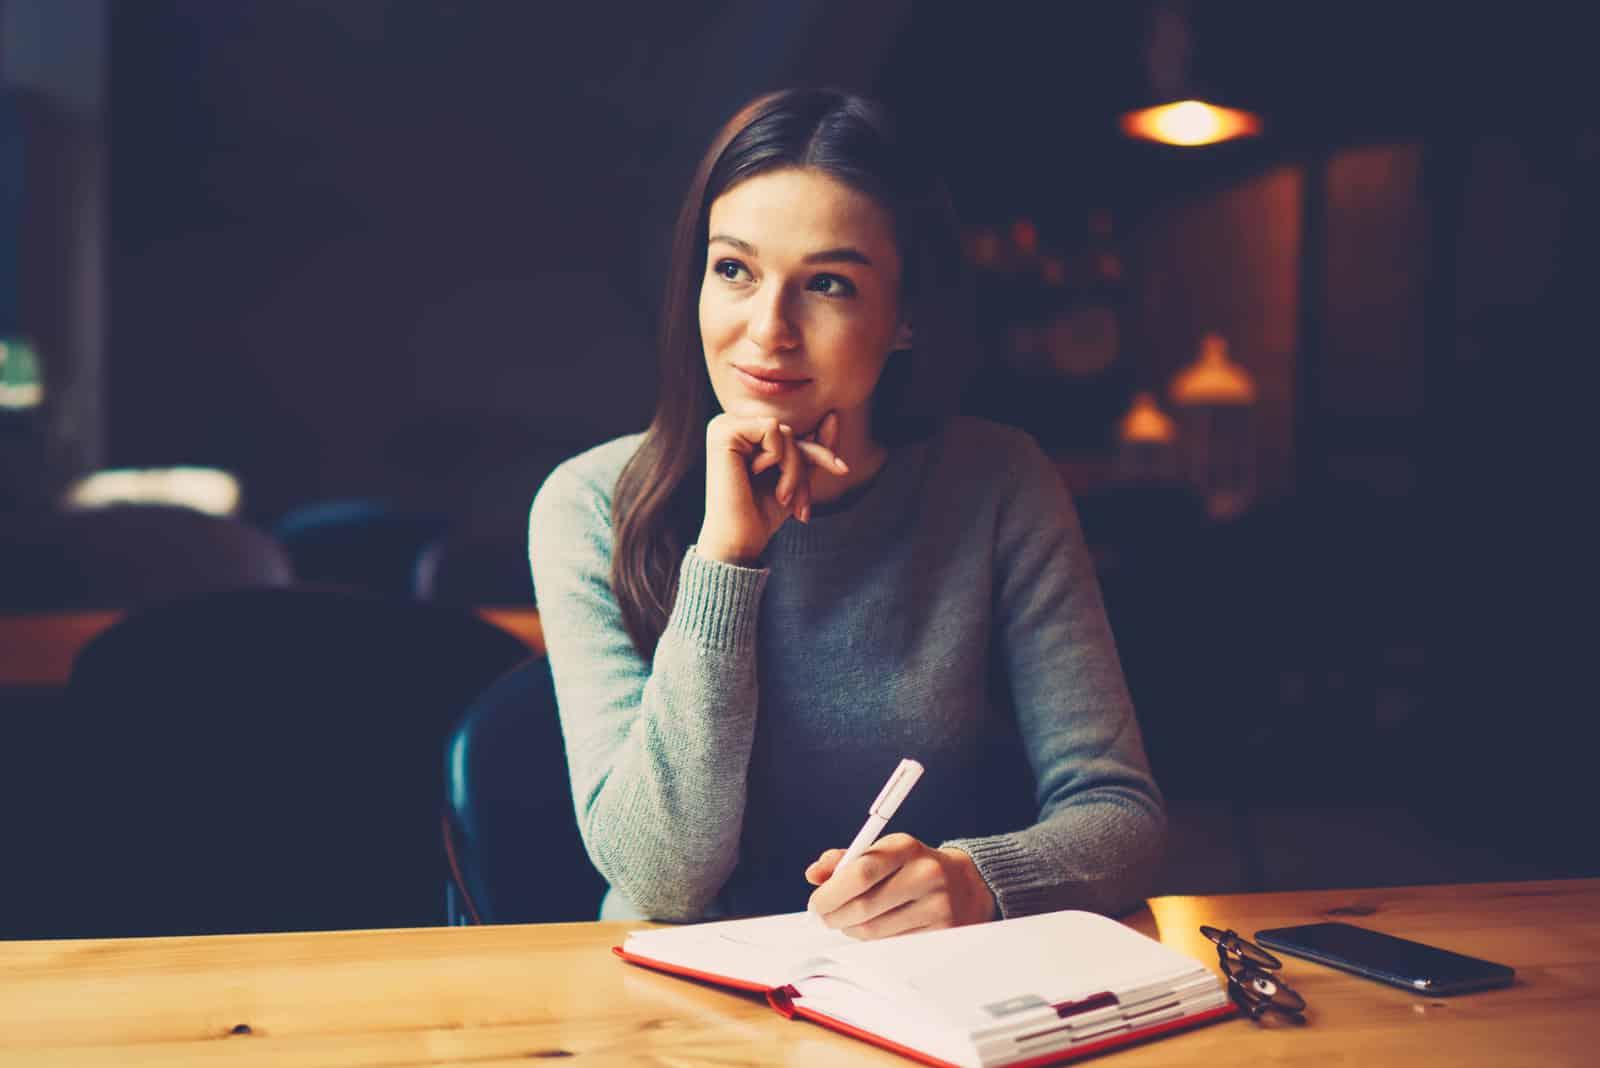 attraktive junge Frau mit Stift in der Hand, die über Pläne nachdenkt und Liste schreibt, um zu tun